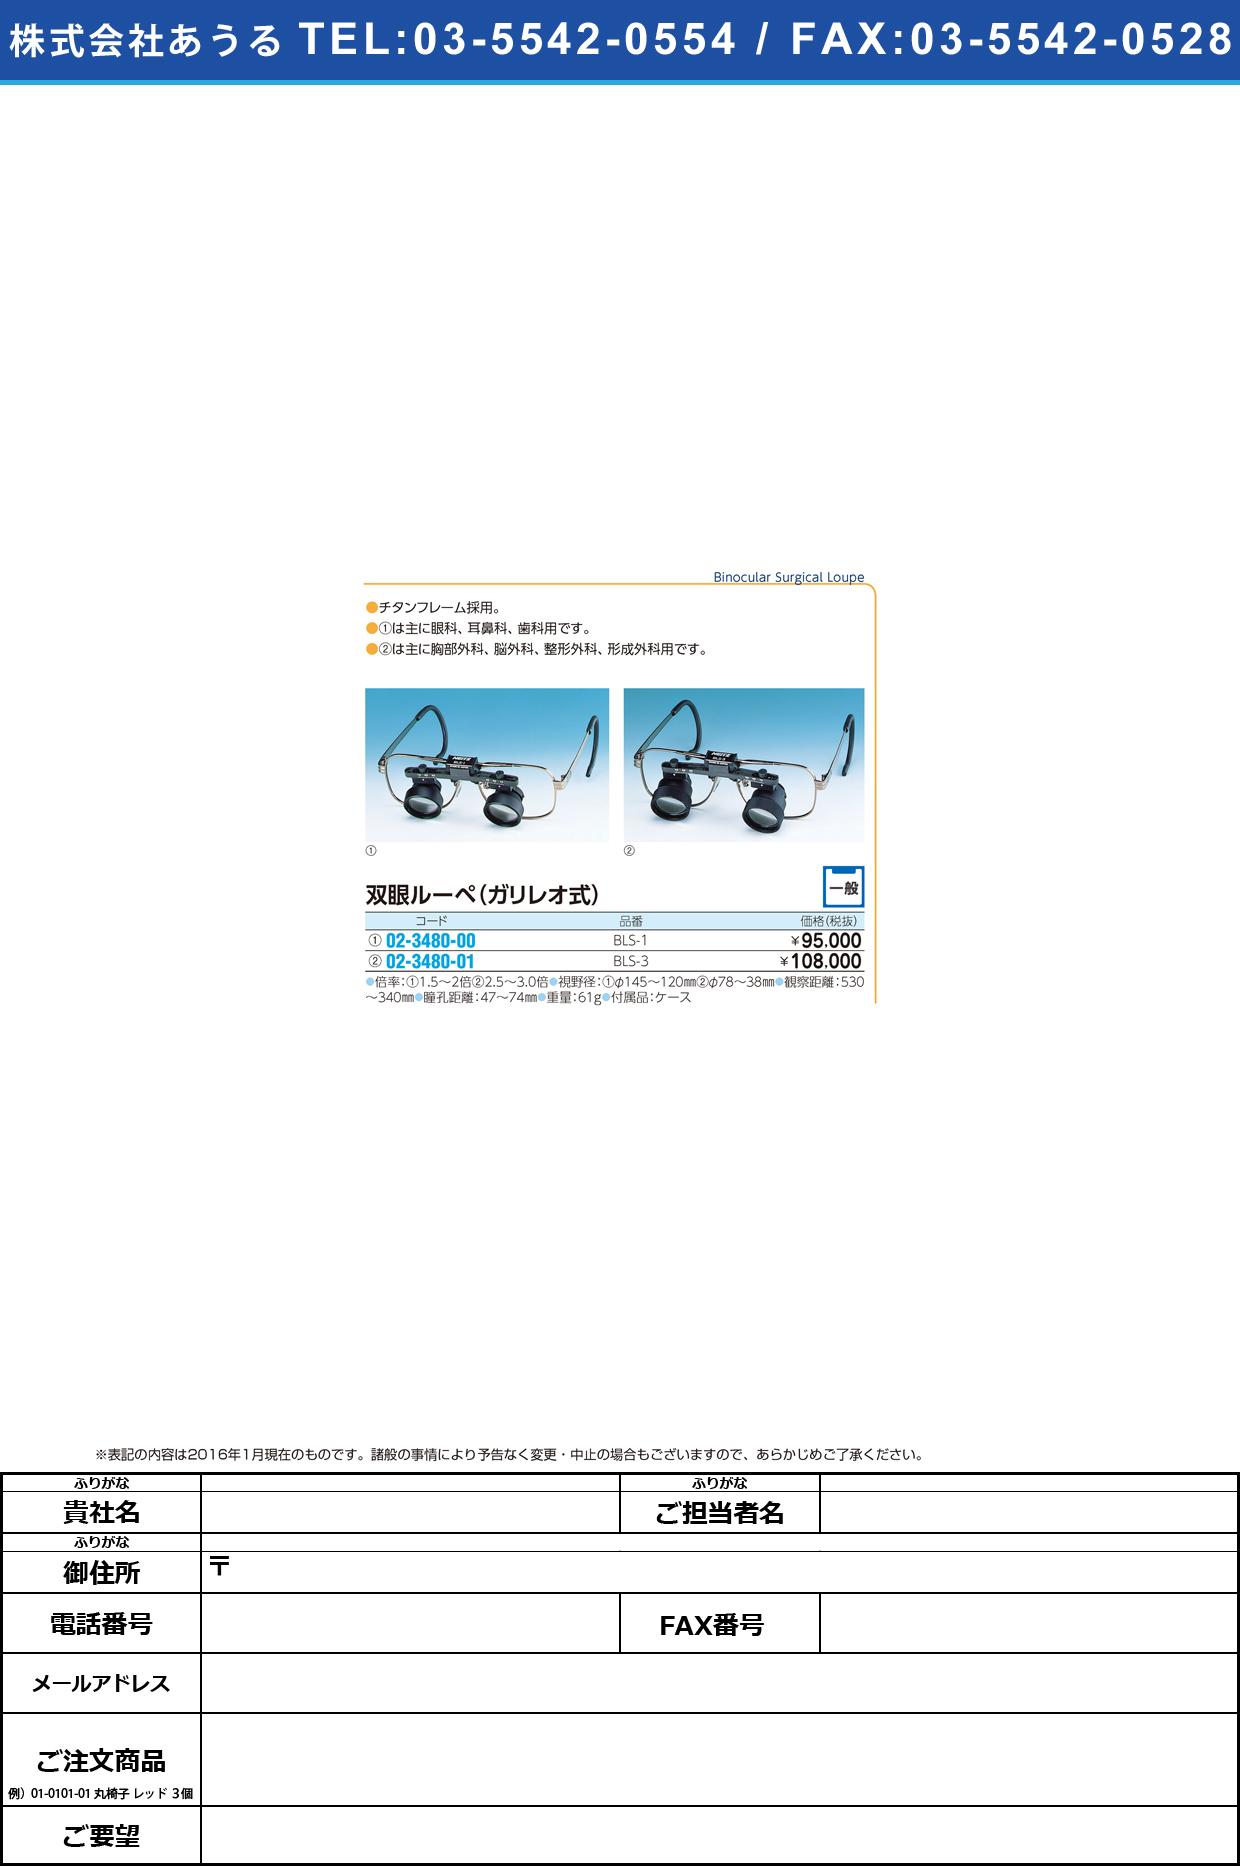 (02-3480-00)双眼ルーペ ソウガンルーペ BLS-1【1個単位】【2016年カタログ商品】